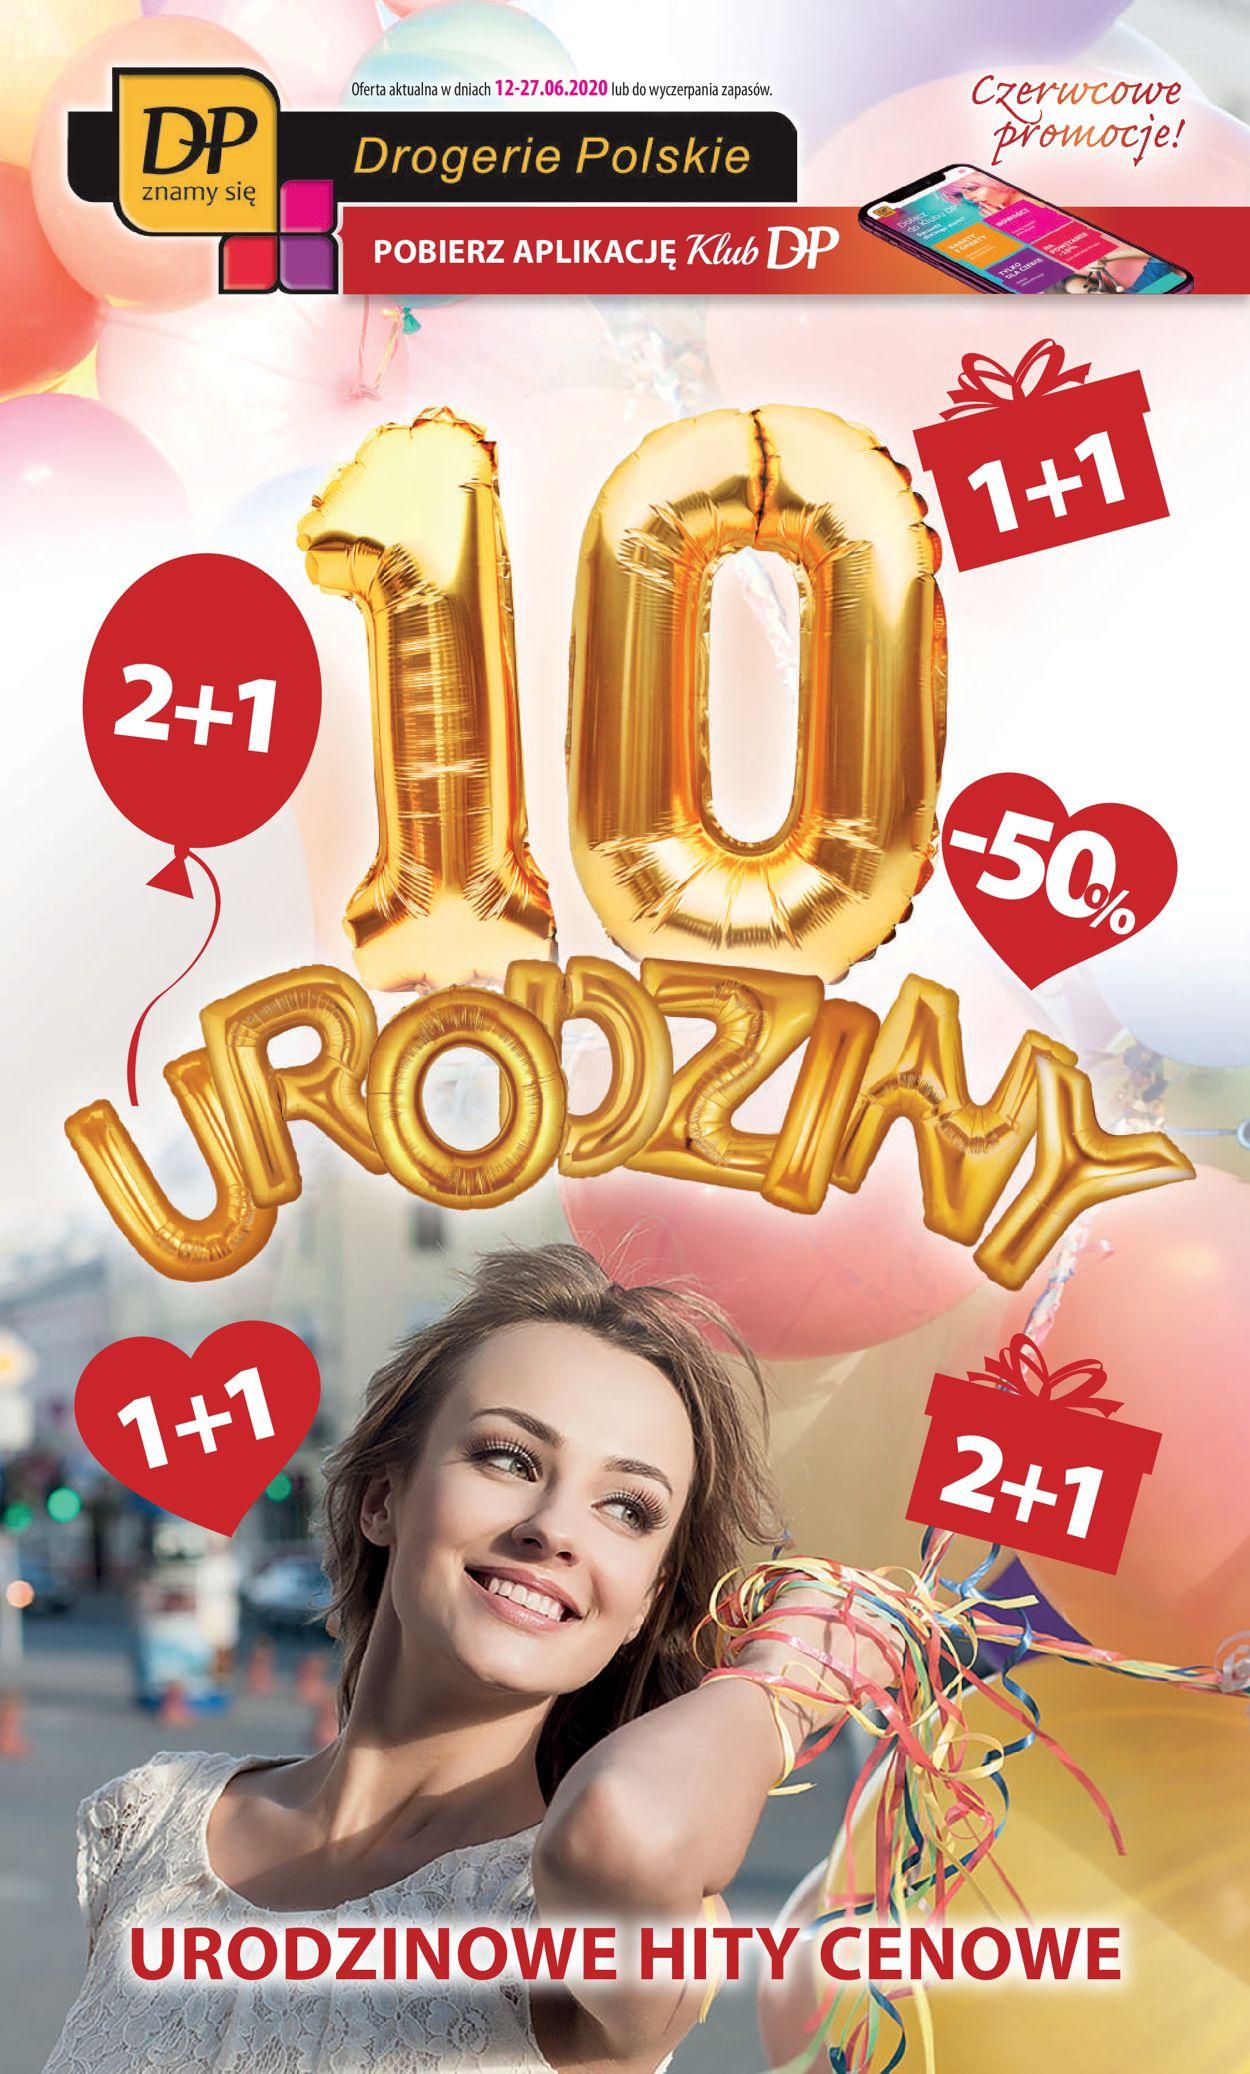 Gazetka promocyjna Drogerie Polskie - 12.06-27.06.2020